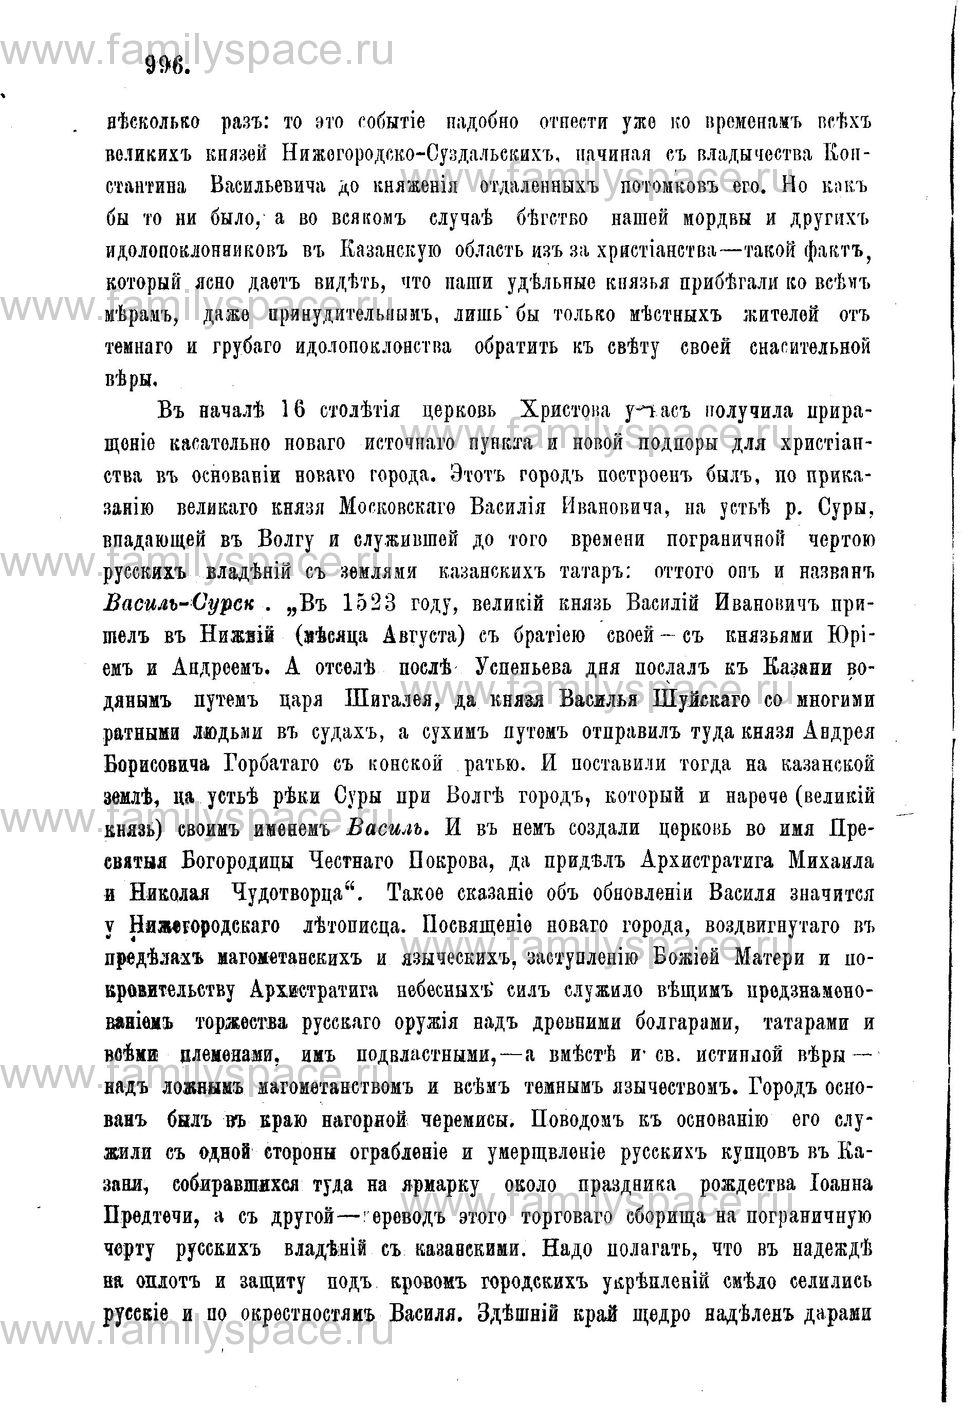 Поиск по фамилии - Адрес-календарь Нижегородской епархии на 1888 год, страница 1996